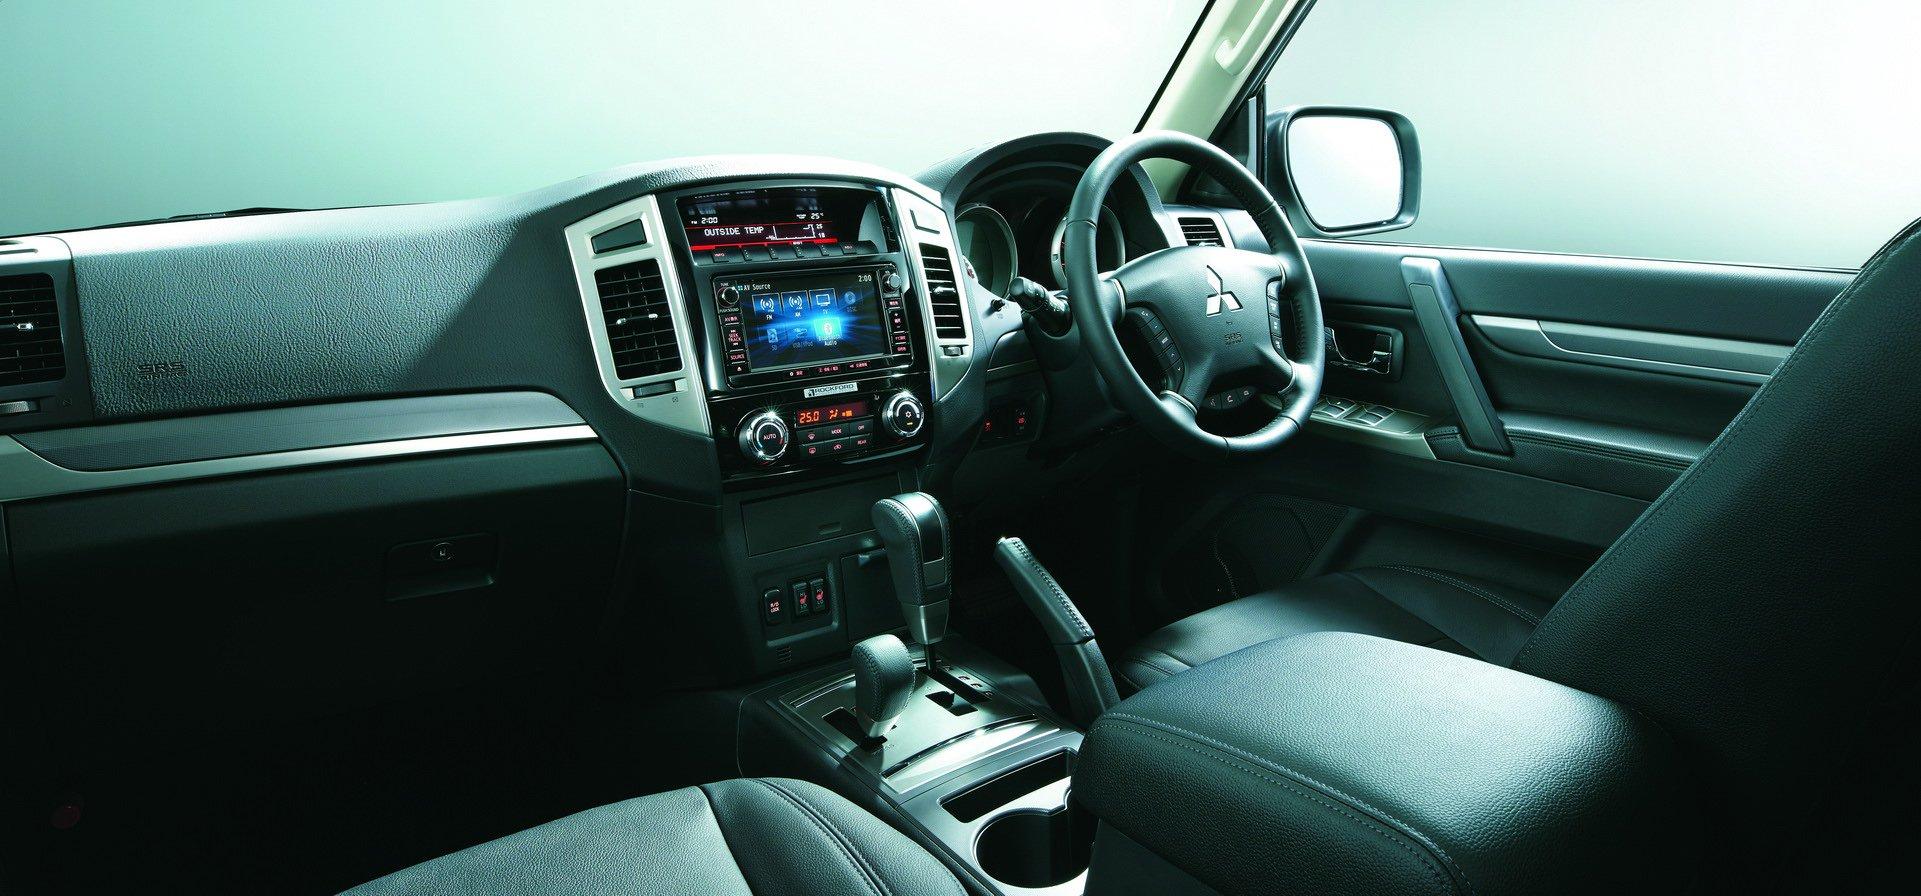 Mitsubishi giới thiệu Pajero Final Edition phiên bản cuối cùng, giới hạn 700 chiếc 7